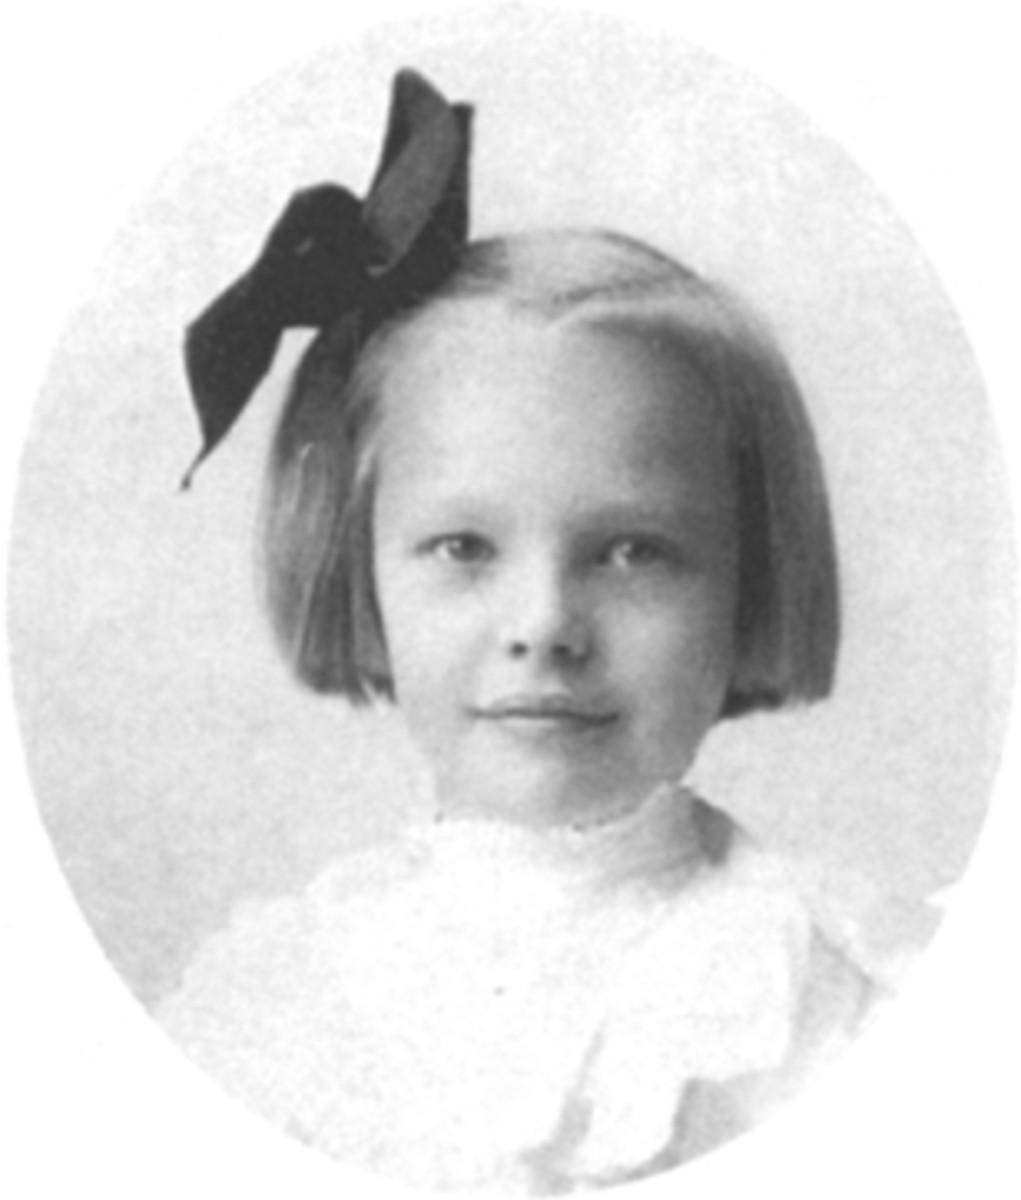 Amelia Earhart as a young girl.